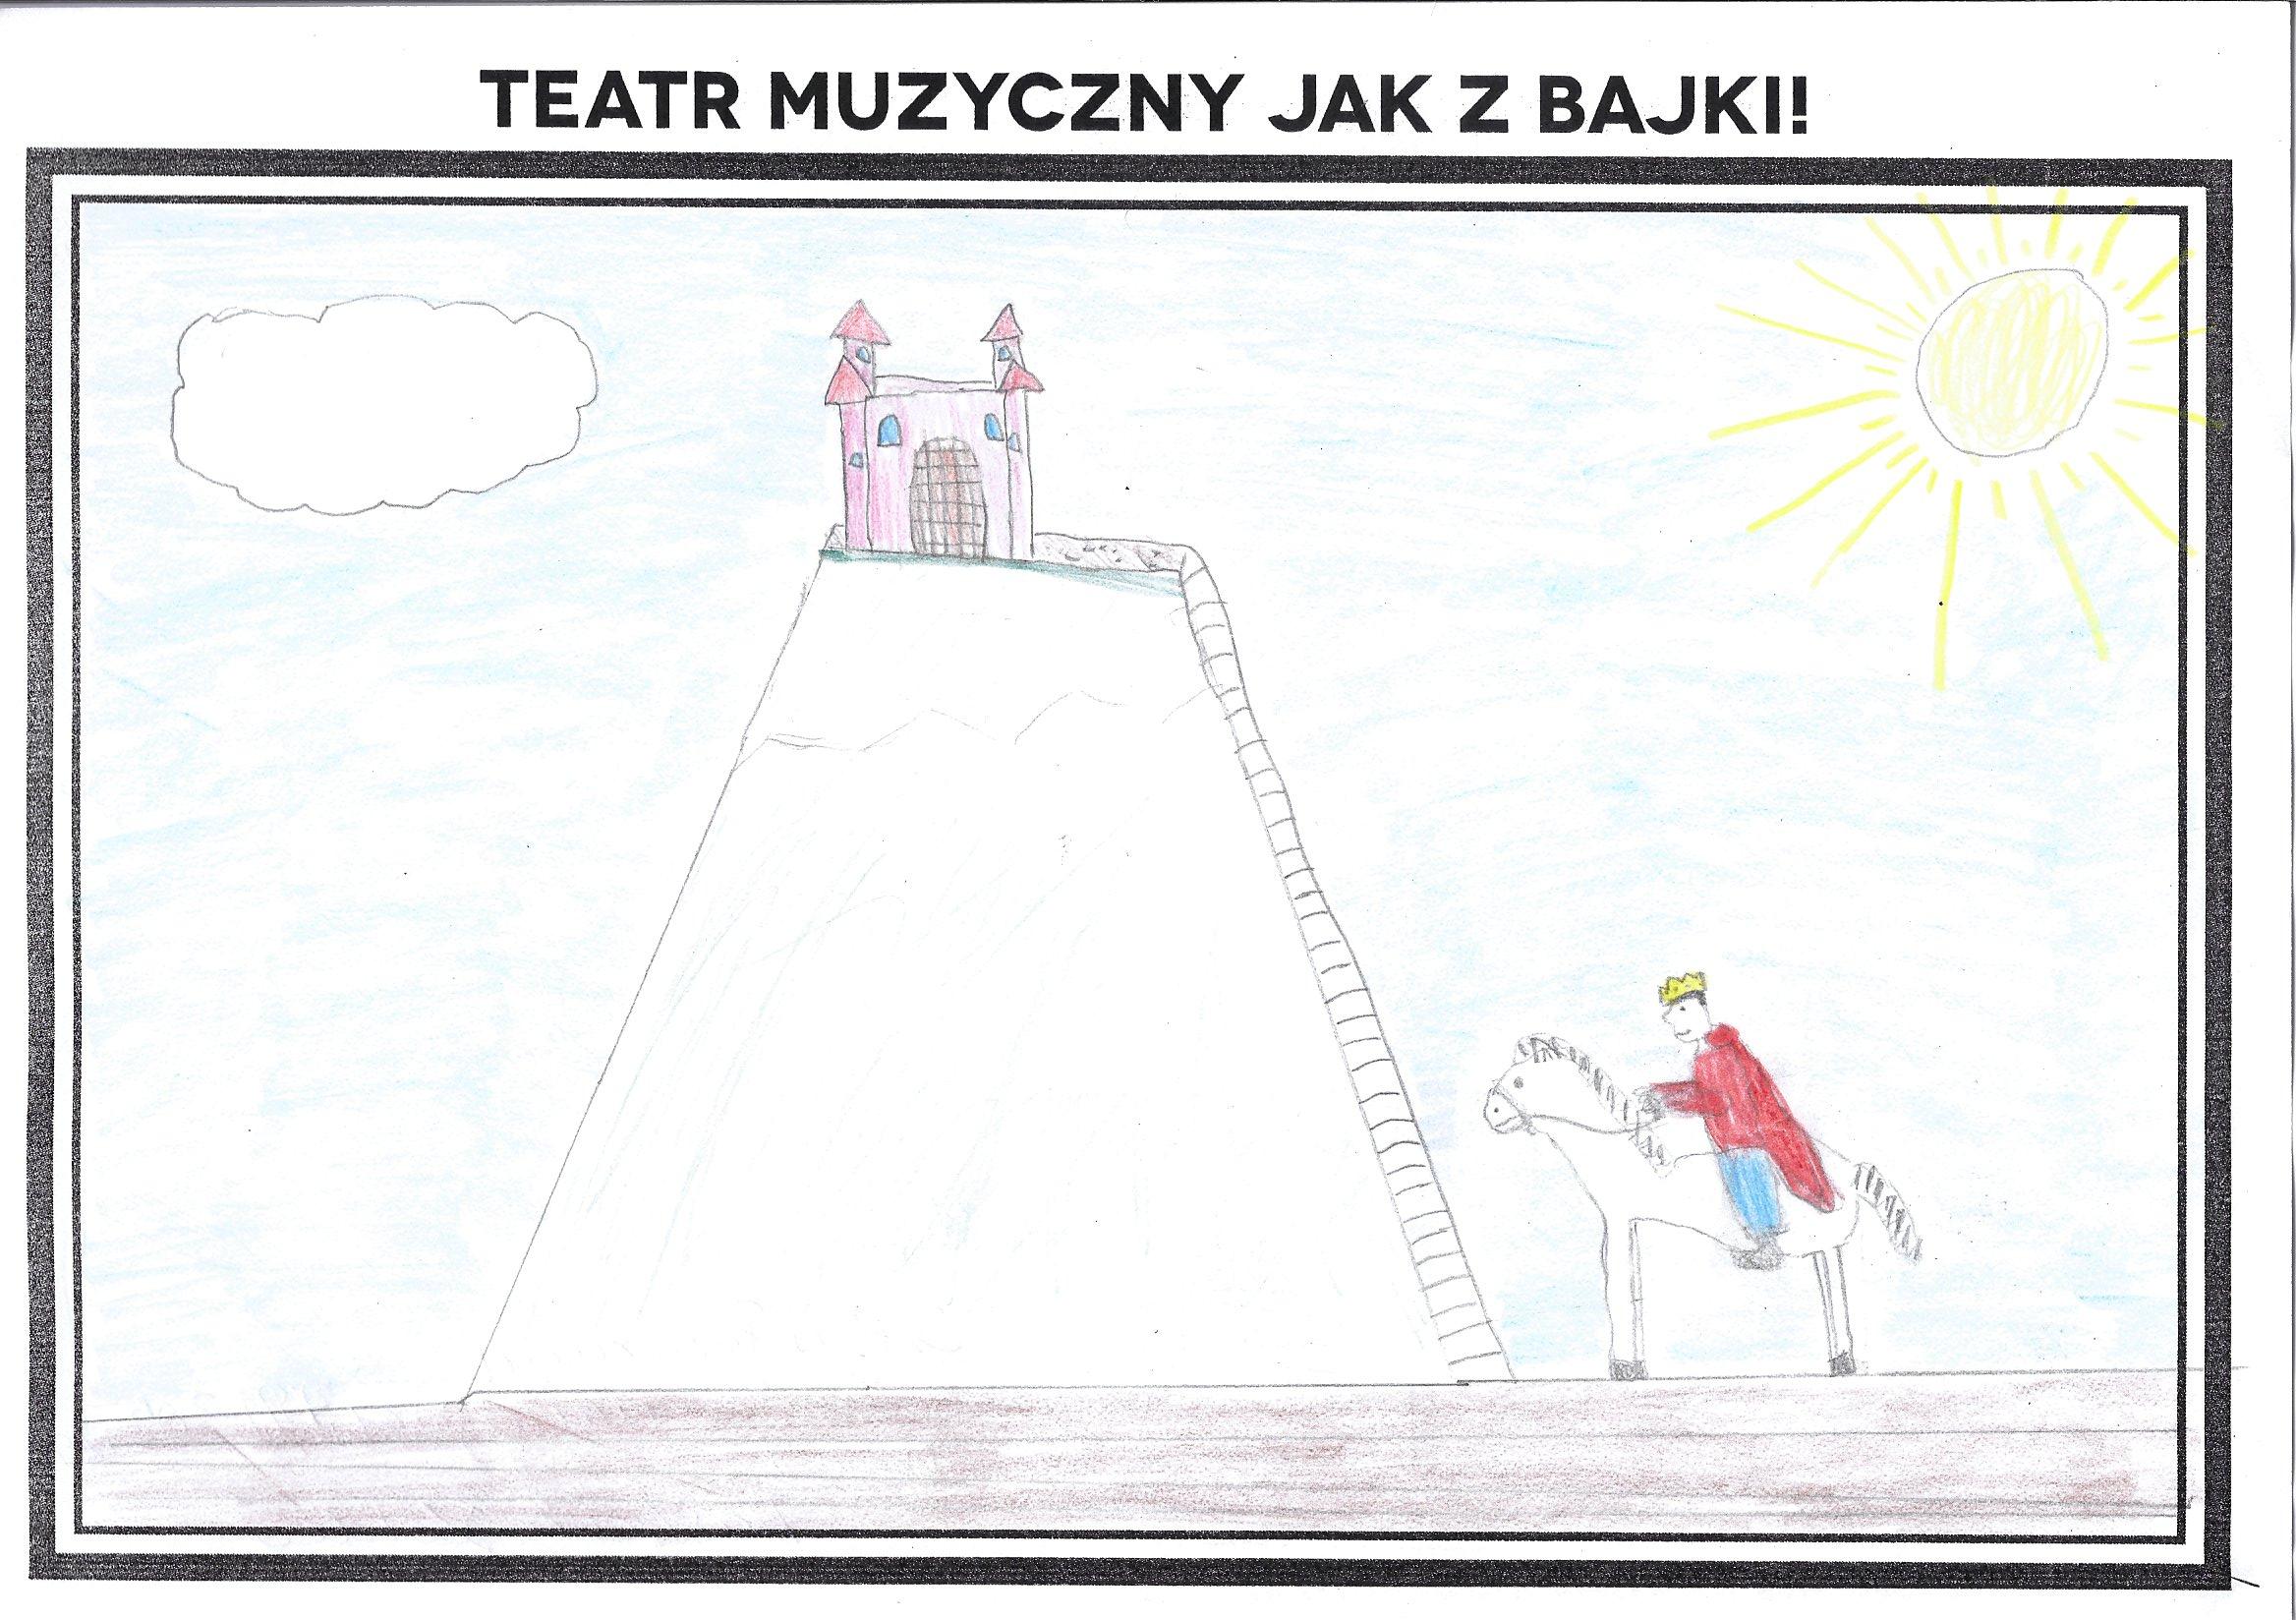 Teatr Muzyczny jak z bajki!_Strona_9